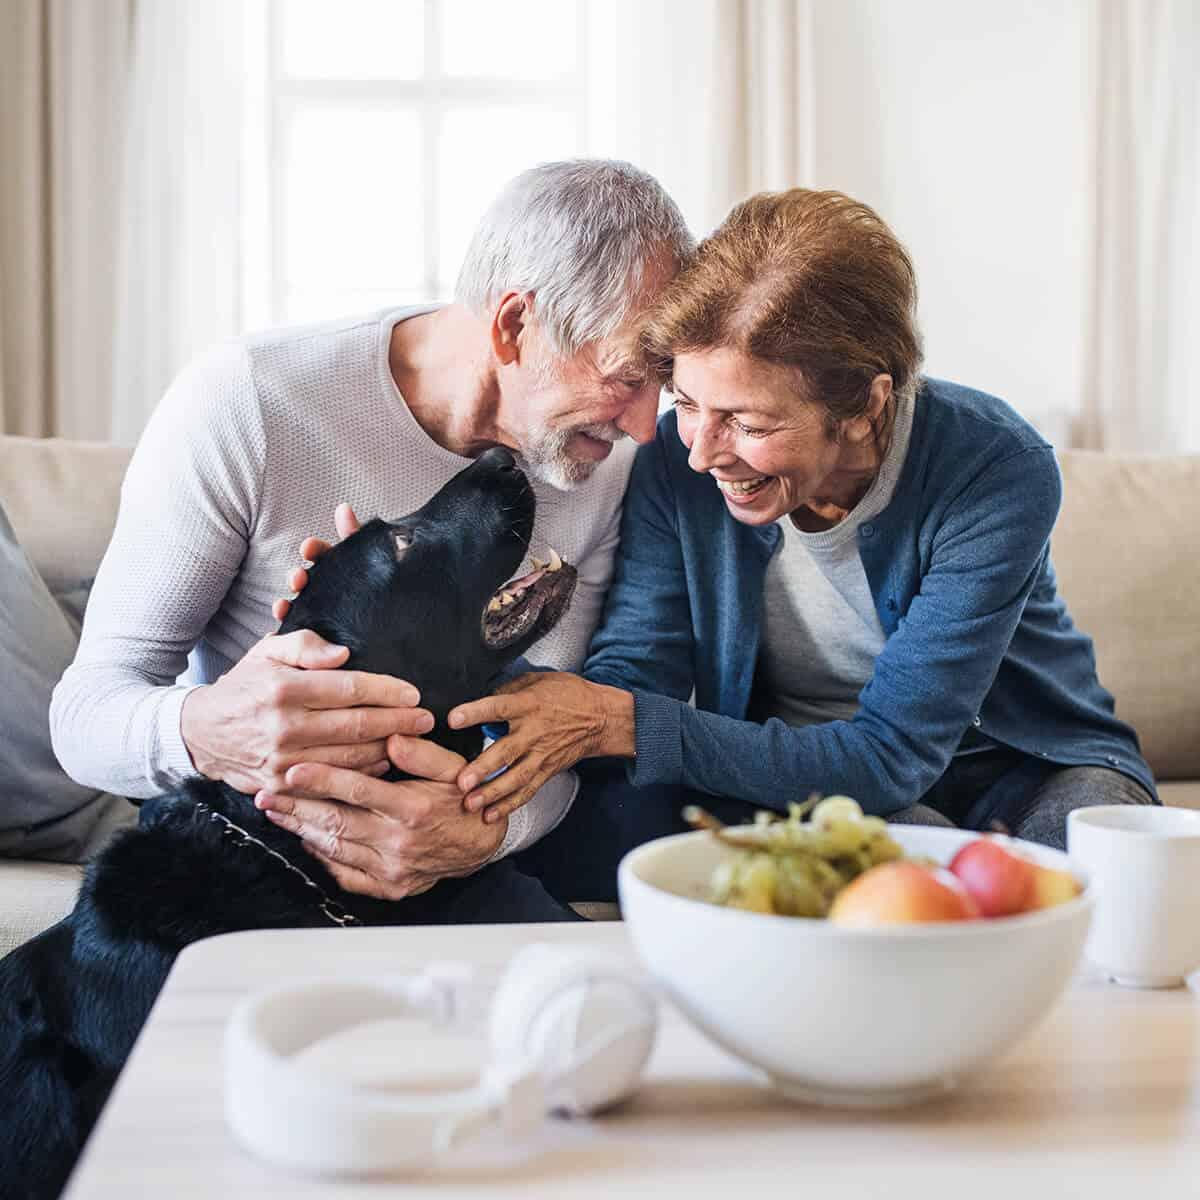 Senior Couple Petting Dog